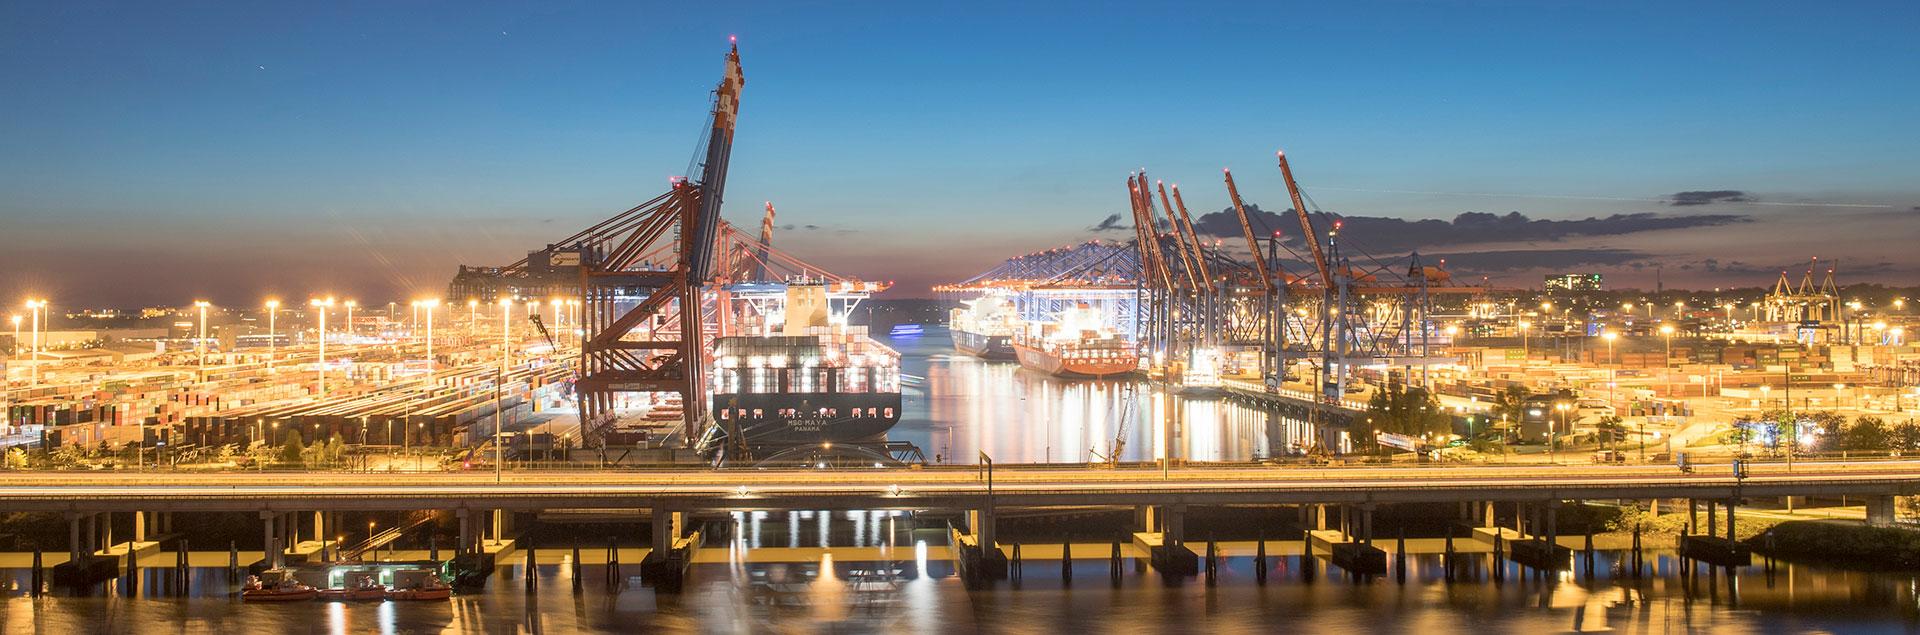 Hamburg Hafen Containerschiff Brücke